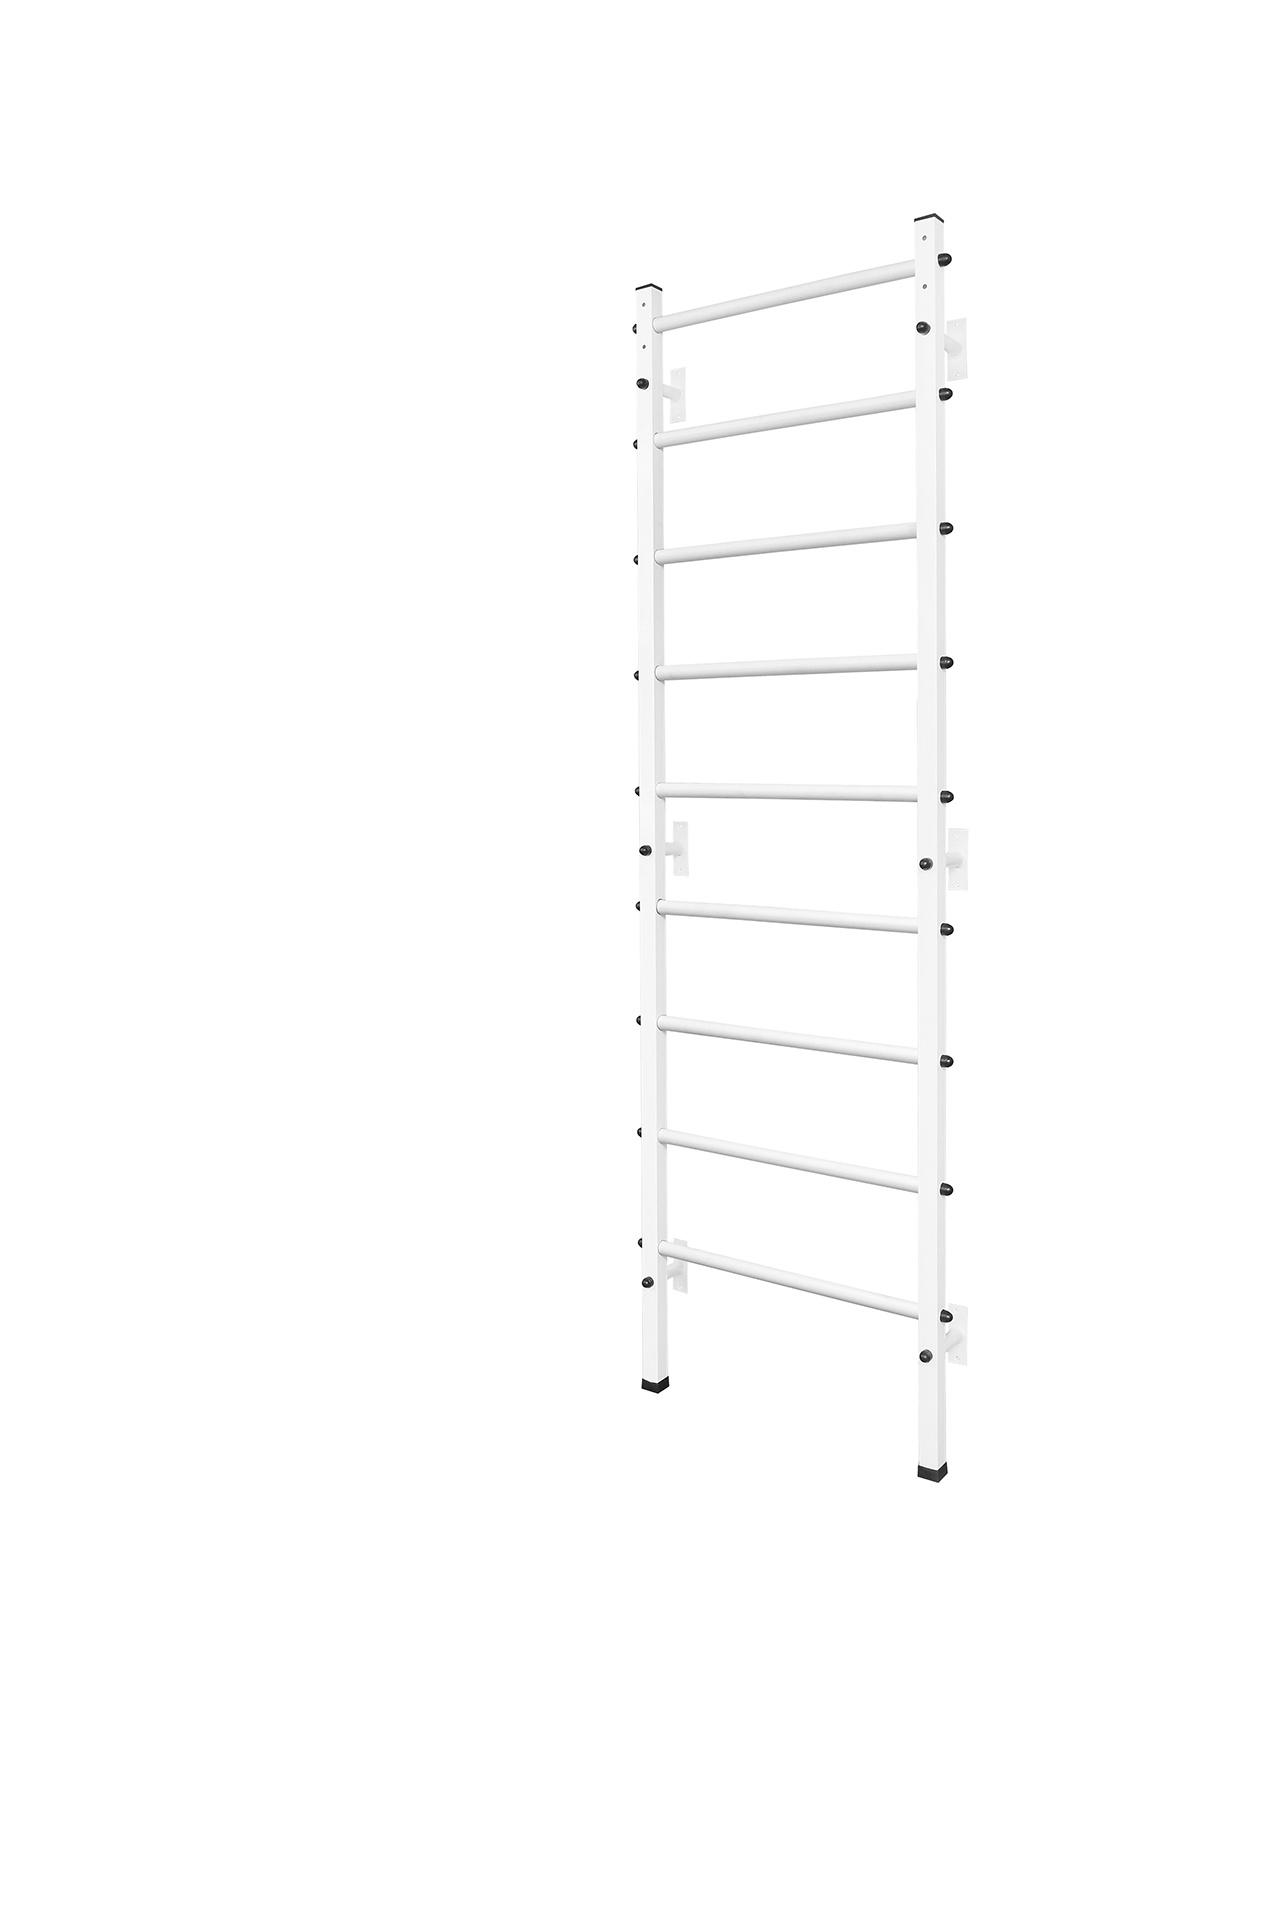 Спортивный комплекс AstaSport 4085 лестница для тренировок torres 4 м перекладины 9 шт из пластика регулируемое расстояние между перекладинами